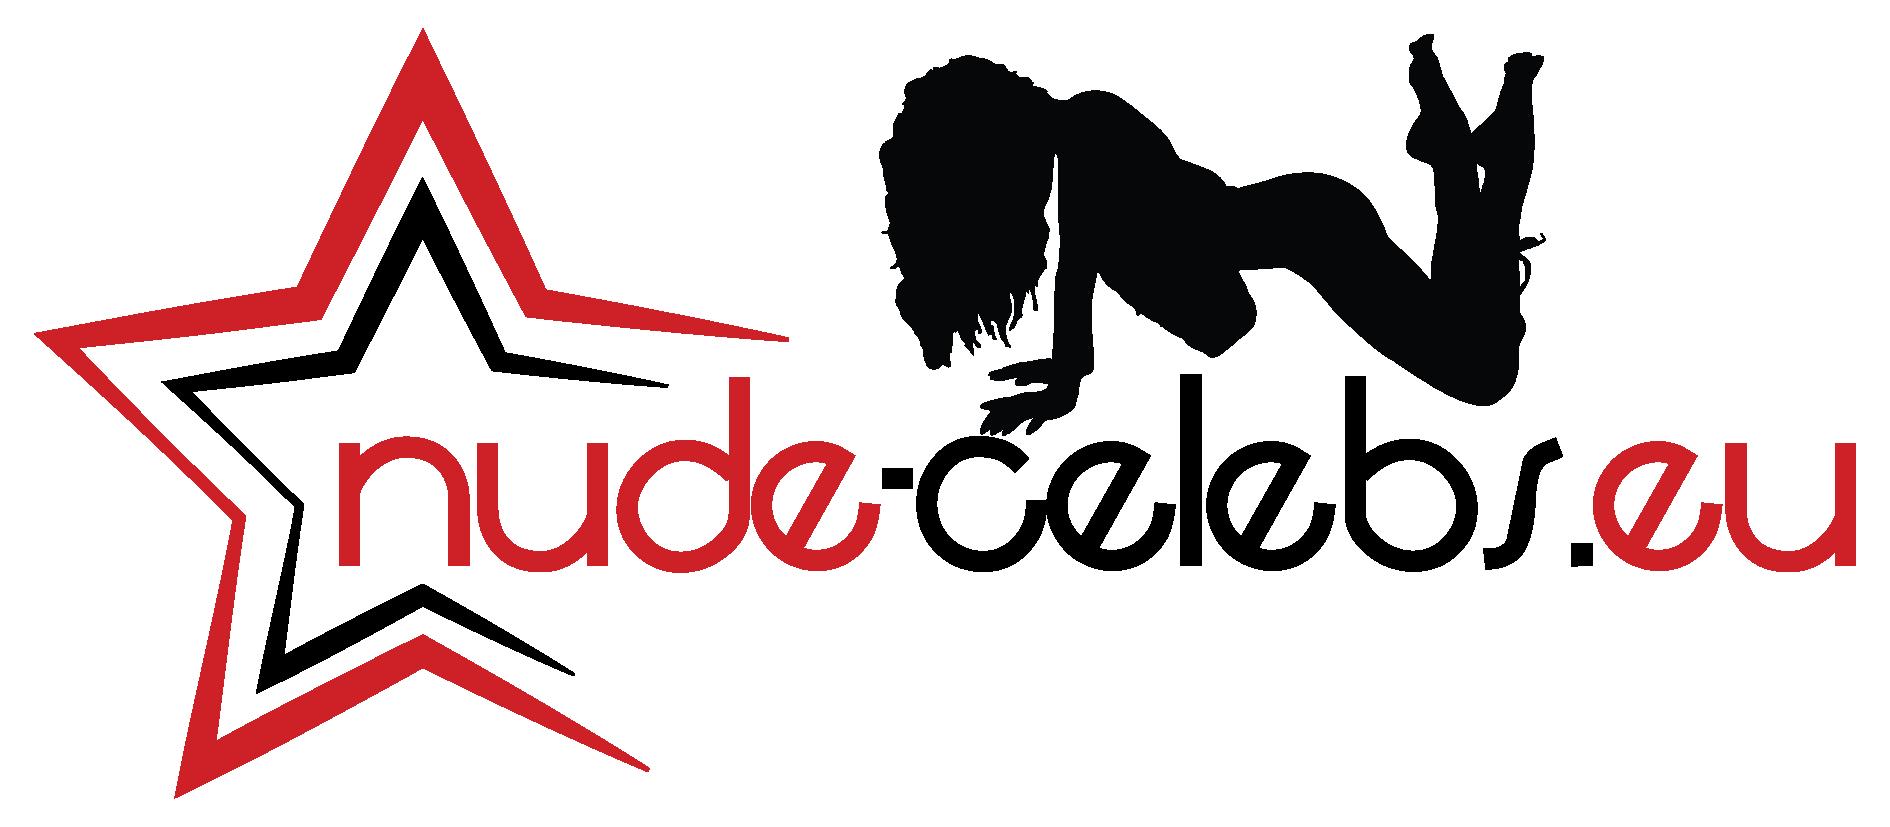 Nude Celebrities